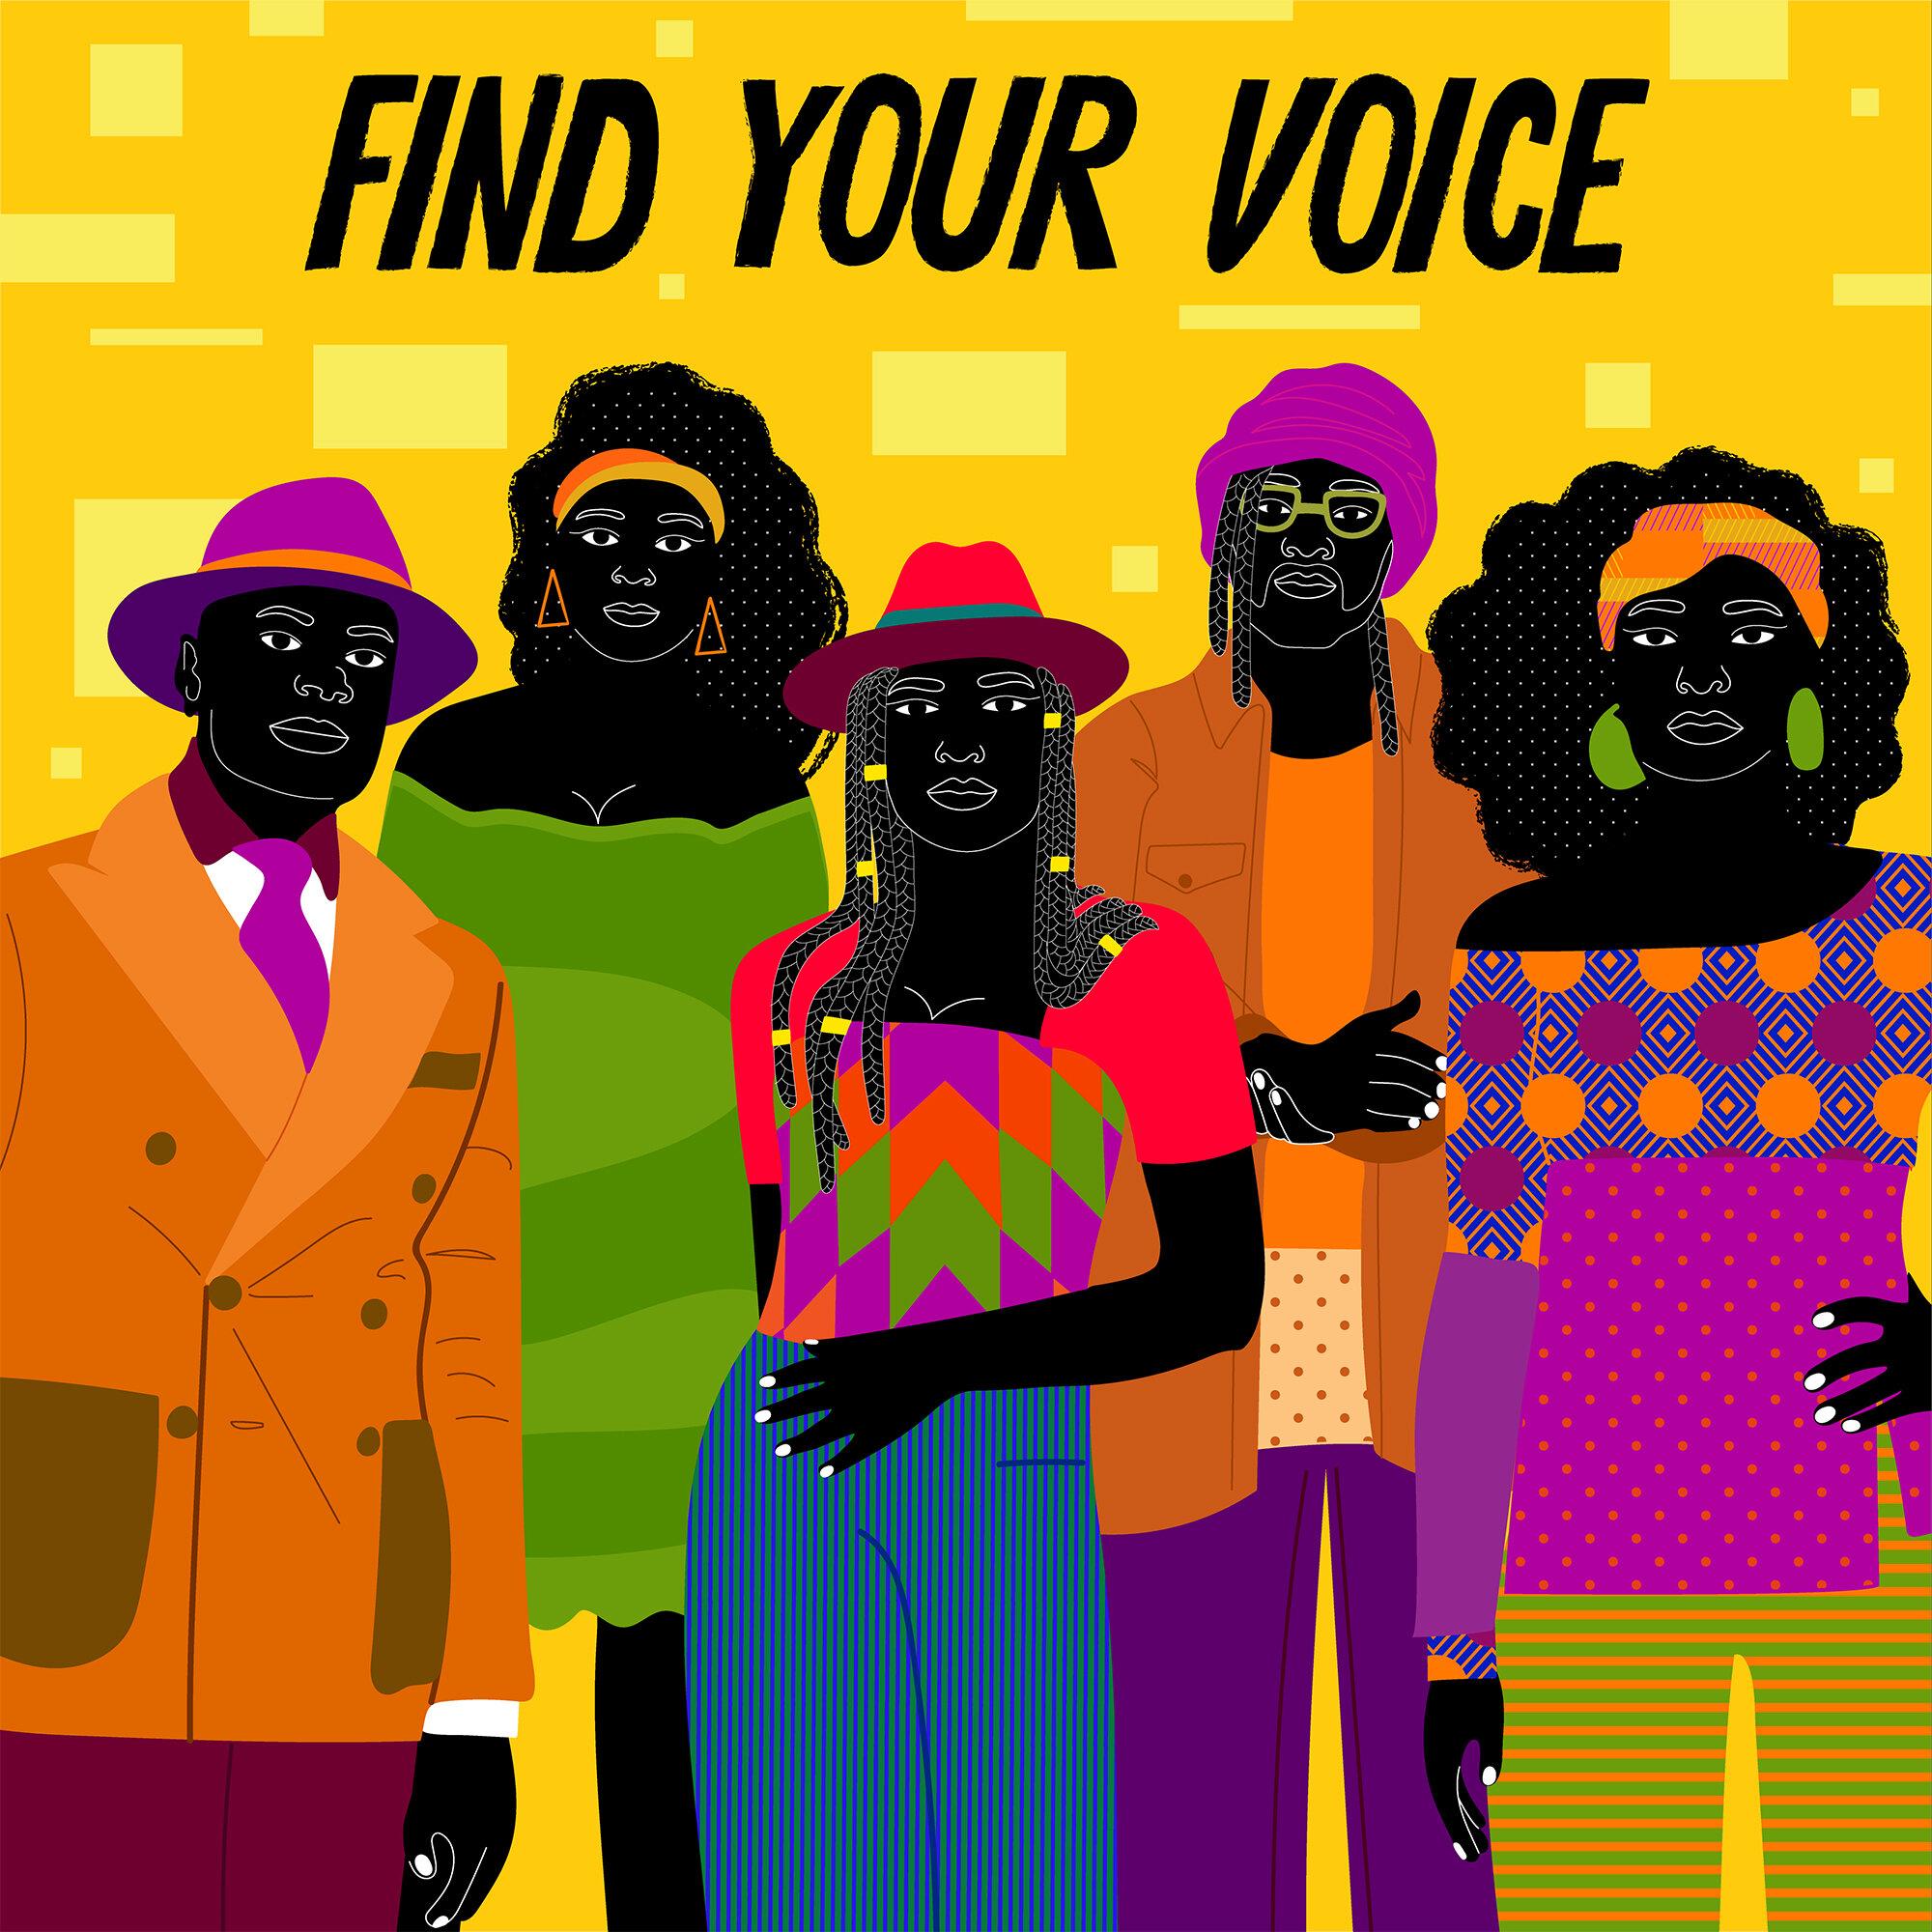 Find your voice.jpg